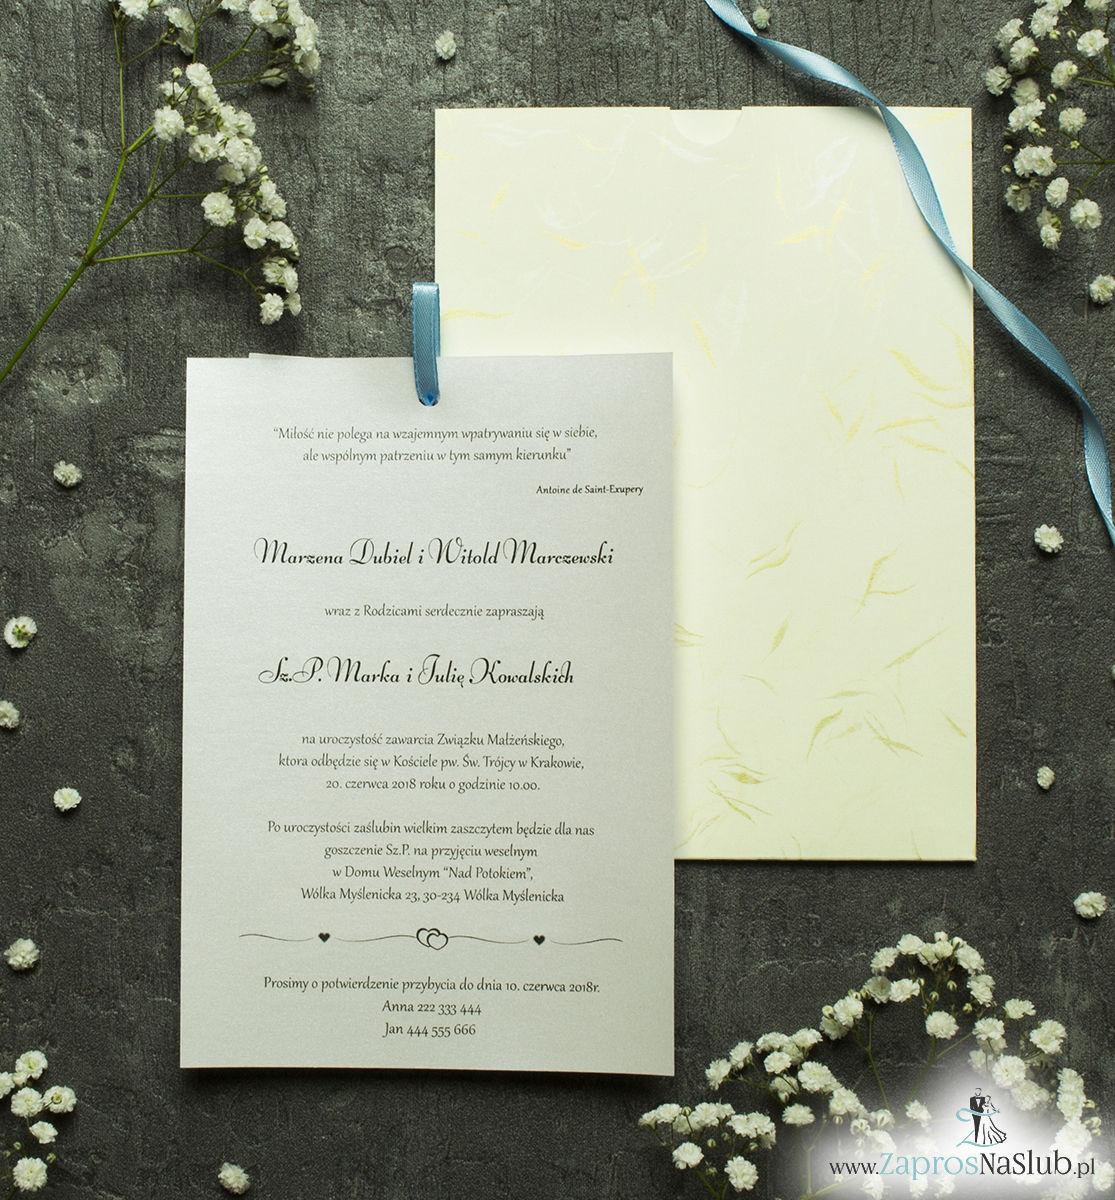 Zaproszenia ślubne w kopercie z motywem złotych i niebieskich podmuchów wiatru. ZAP-62-33